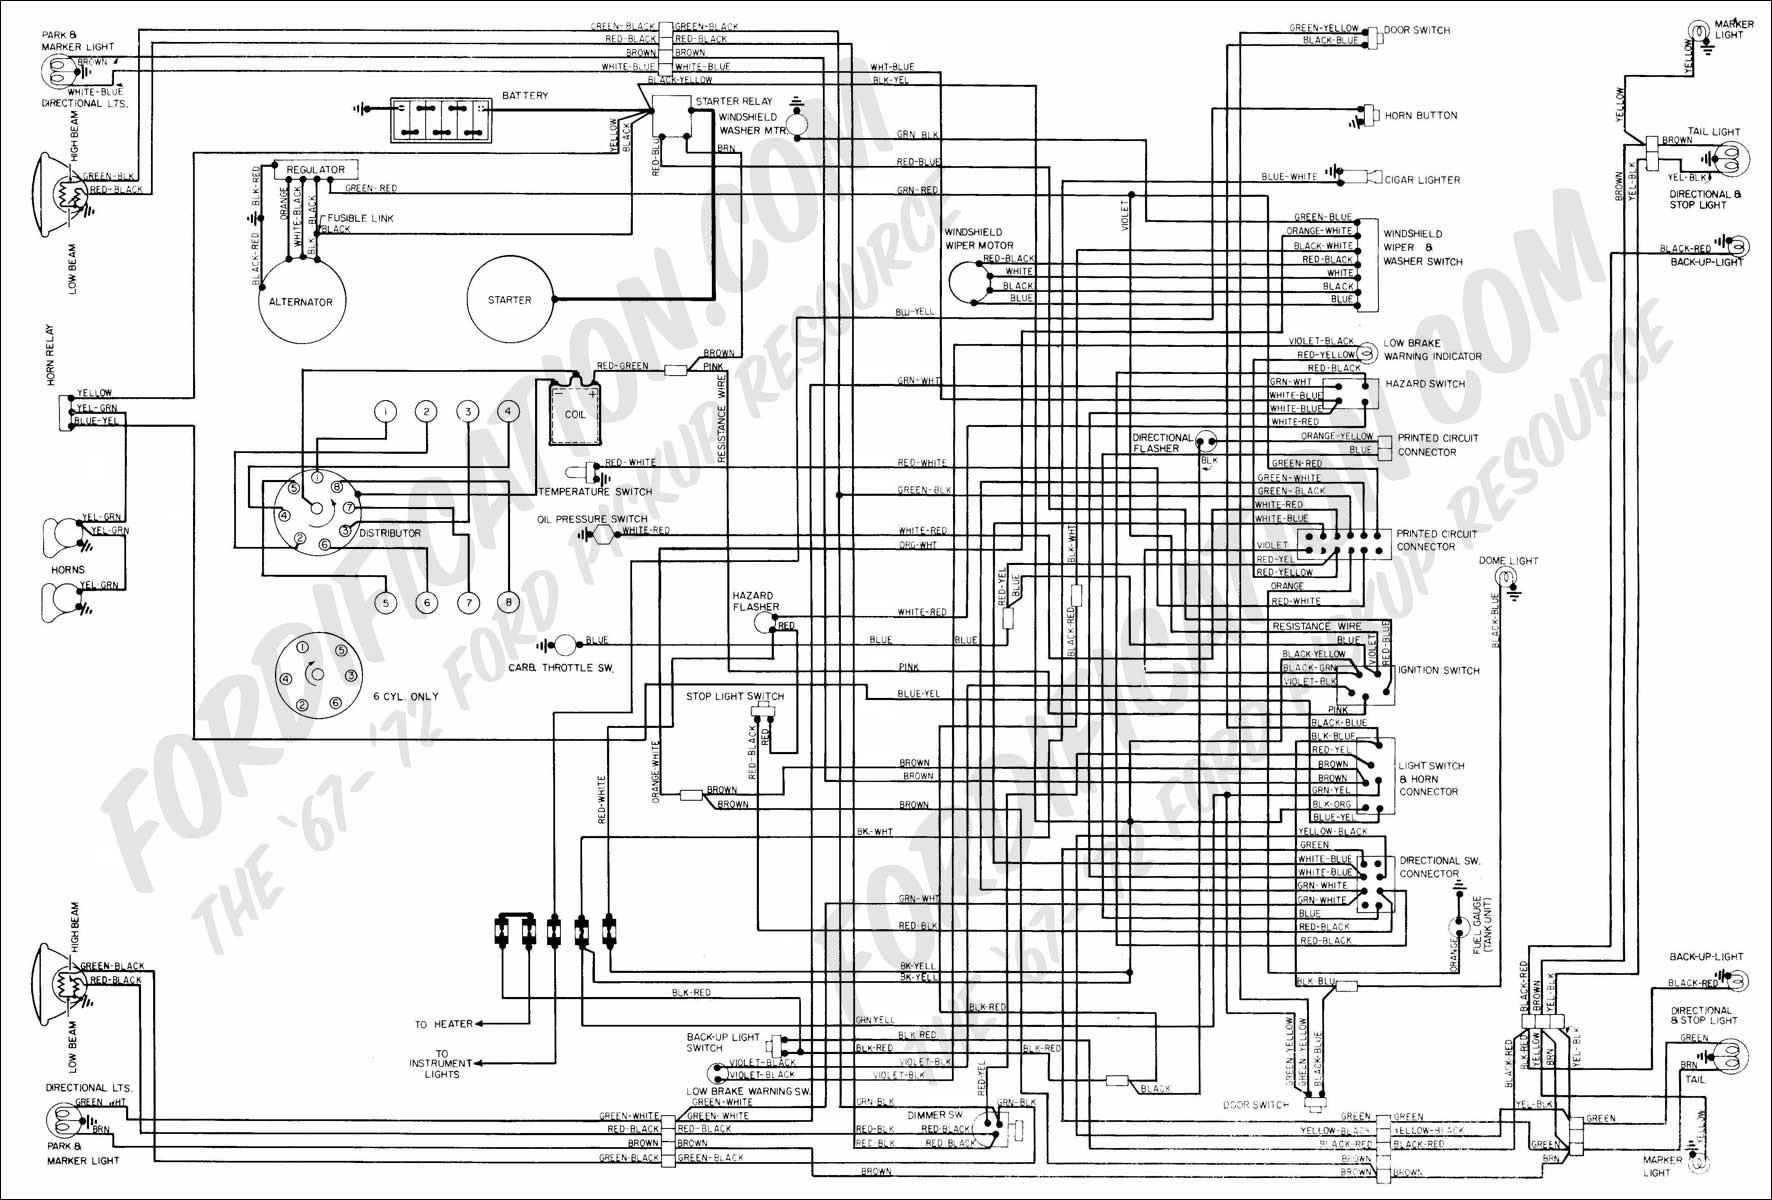 2004 fordstar ac wiring diagram